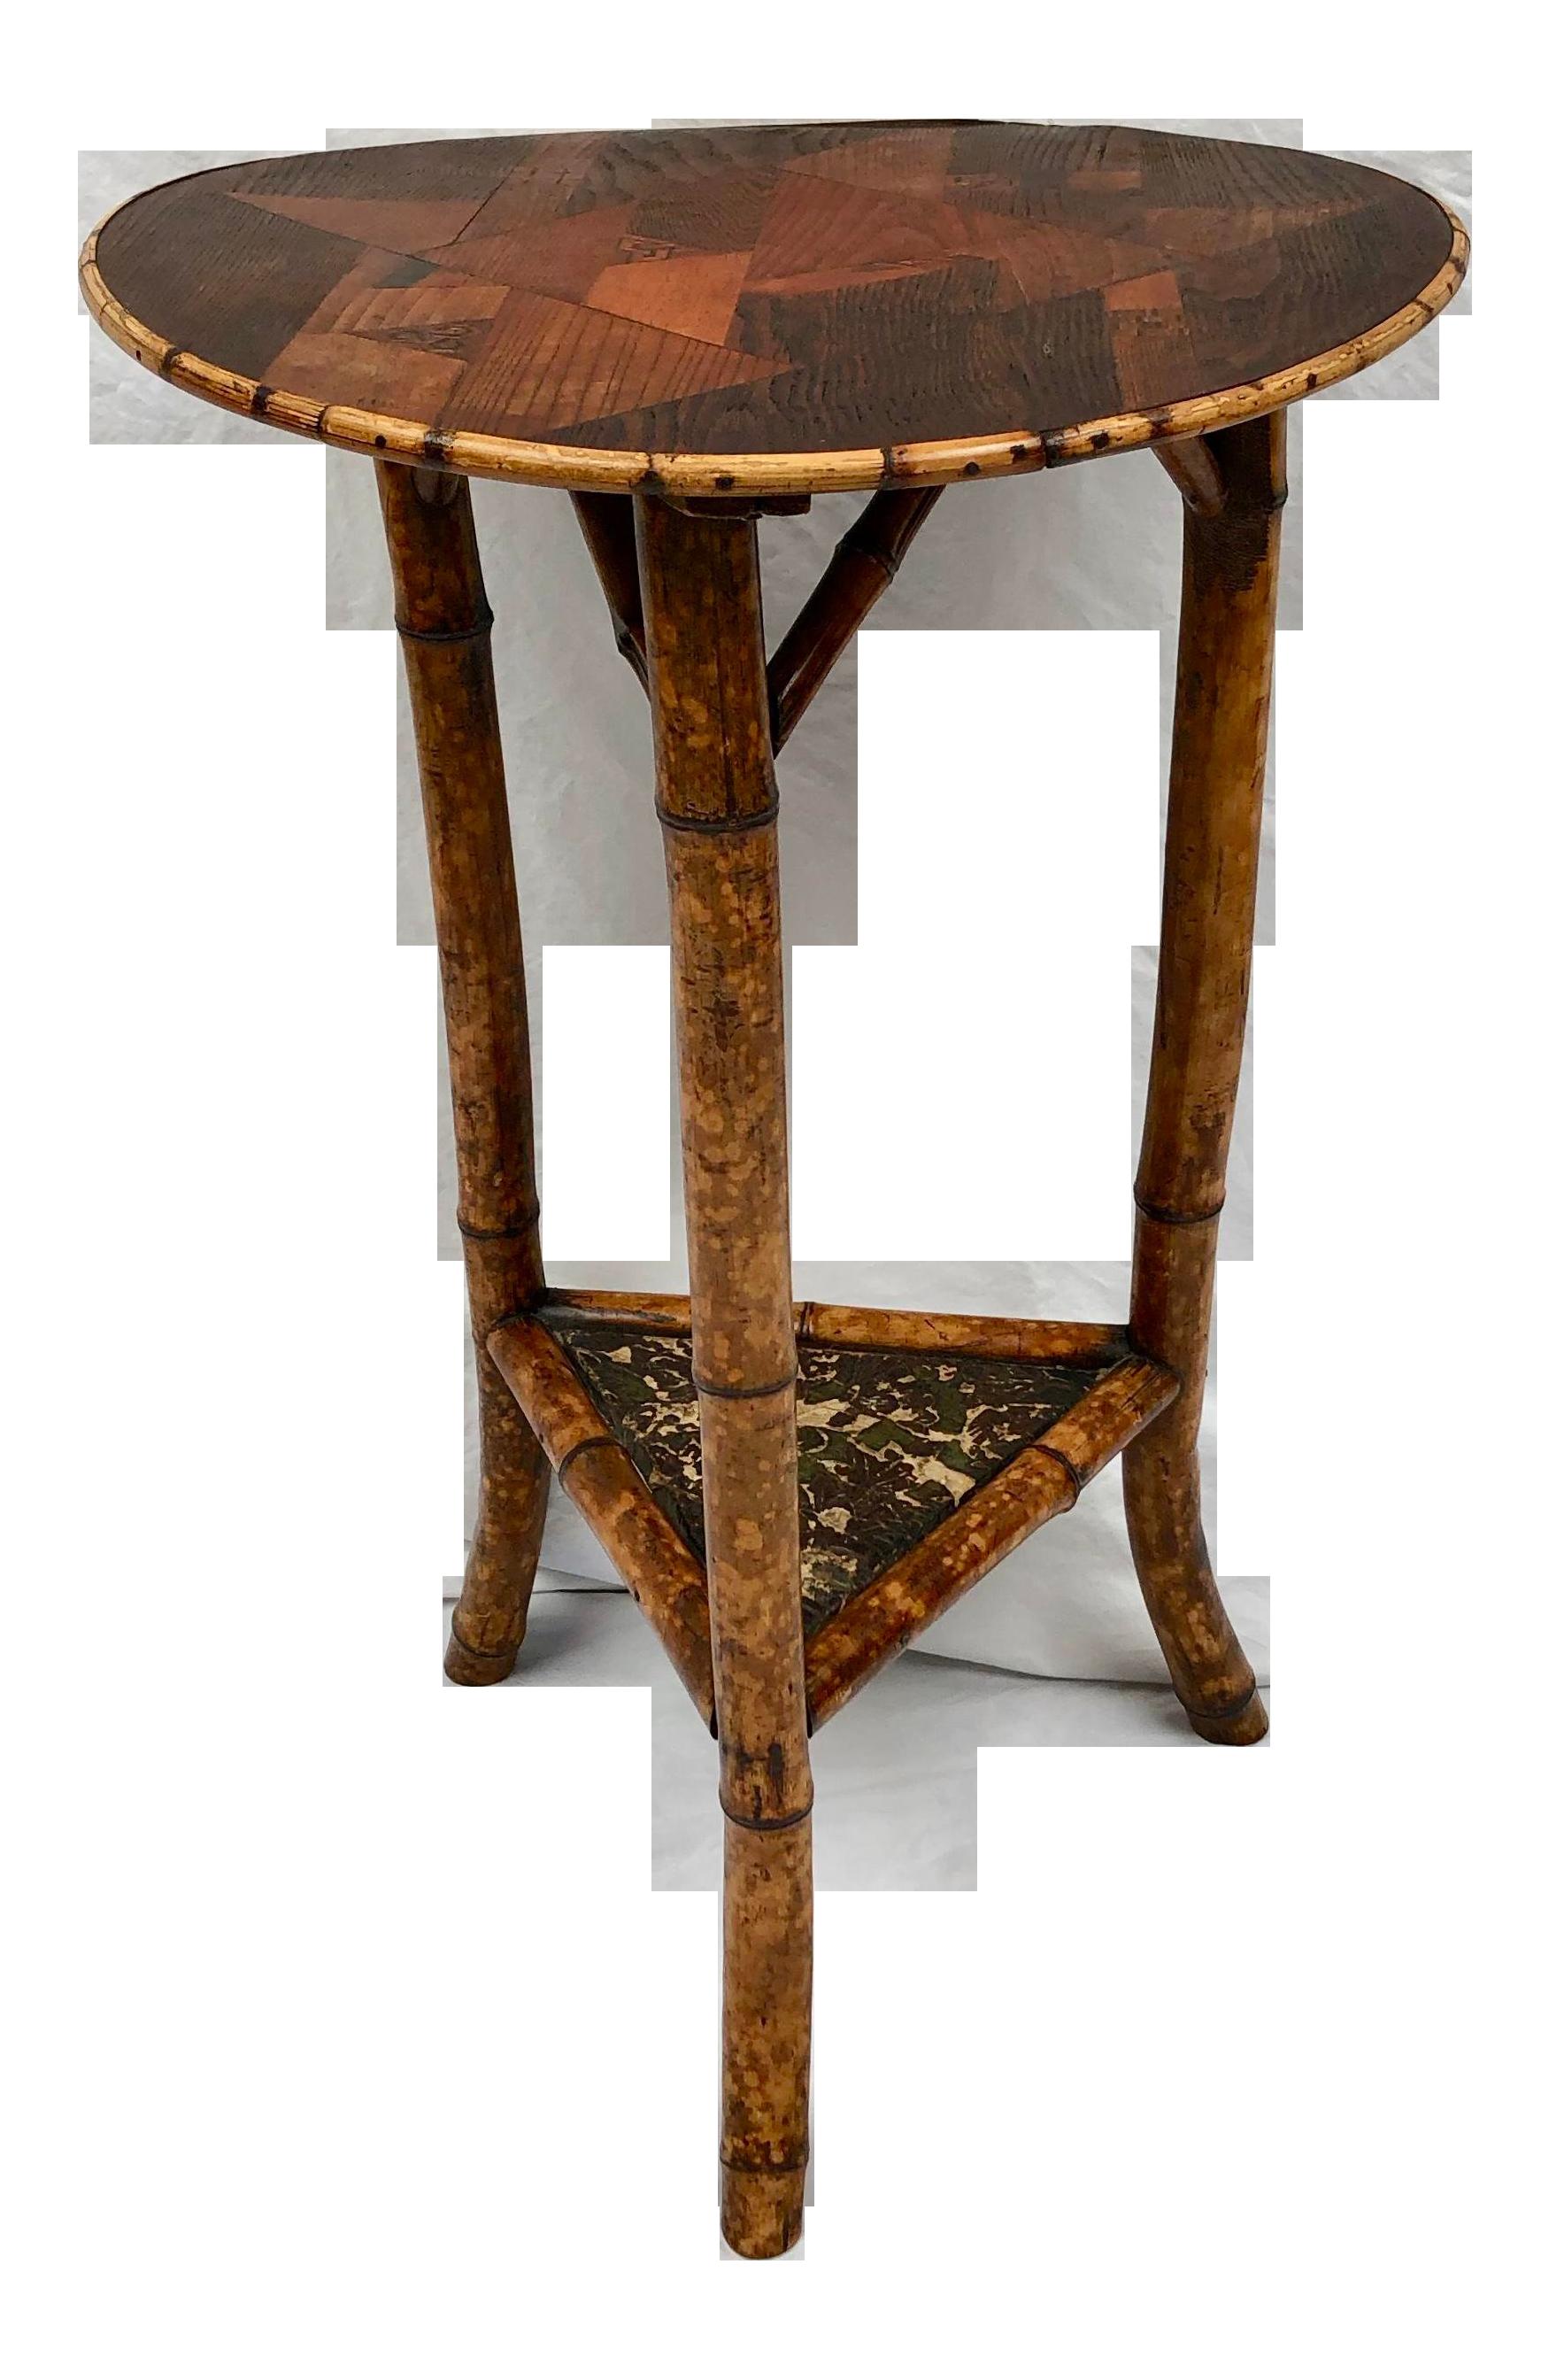 1970s Asian Round Tortoiseshell Bamboo Accent Table With Inlaid Wood Top Accent Table Table Bamboo